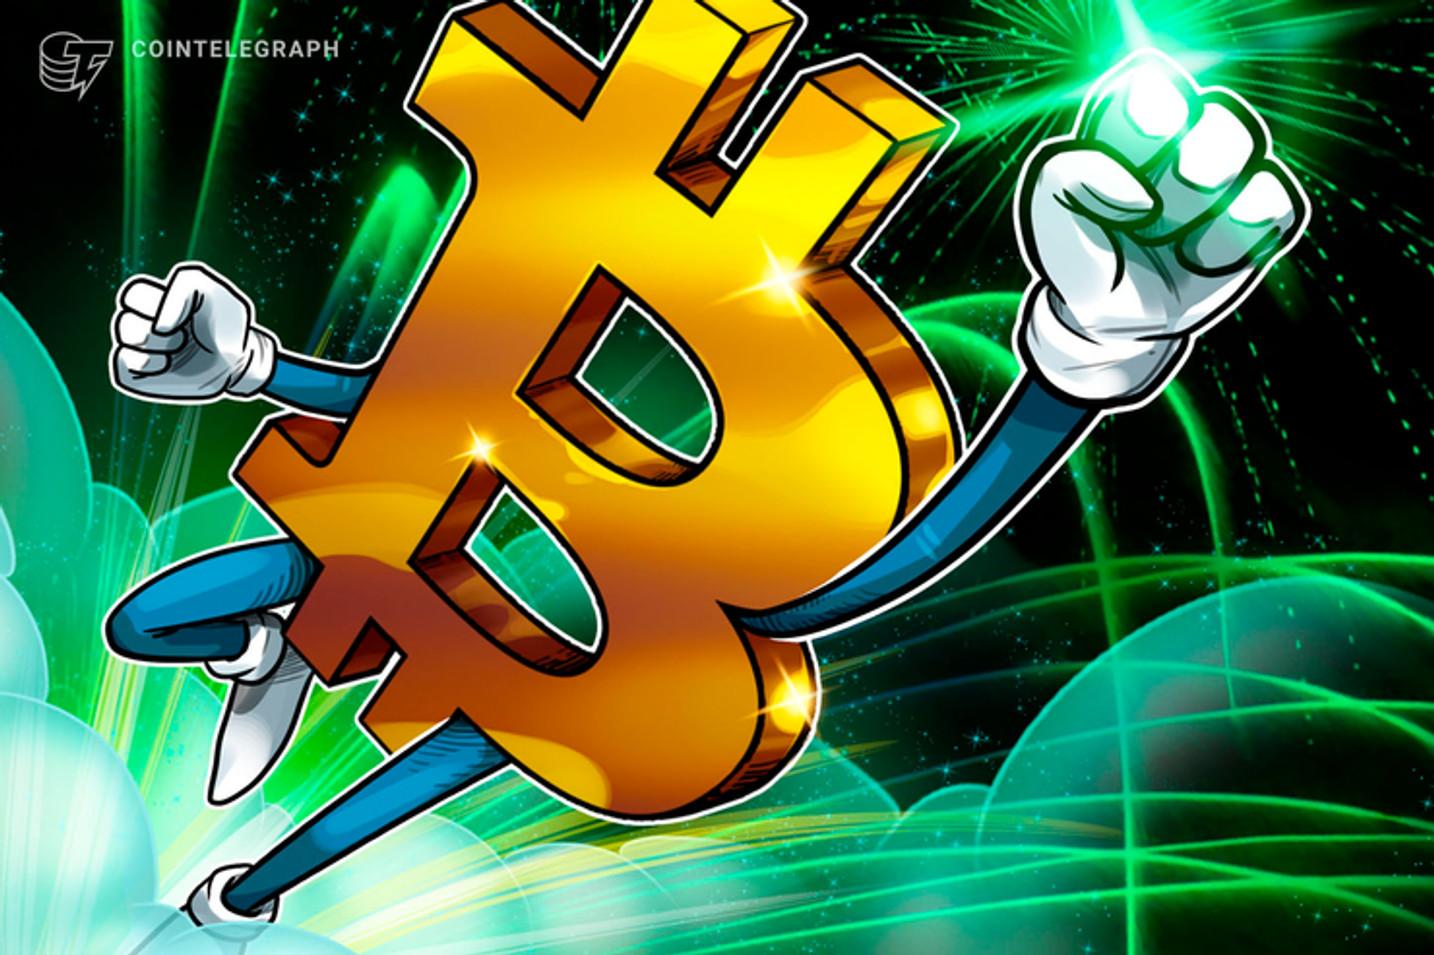 Usuário usou o livro de ordens da Binance para vender 7.350 bitcoins de uma vez